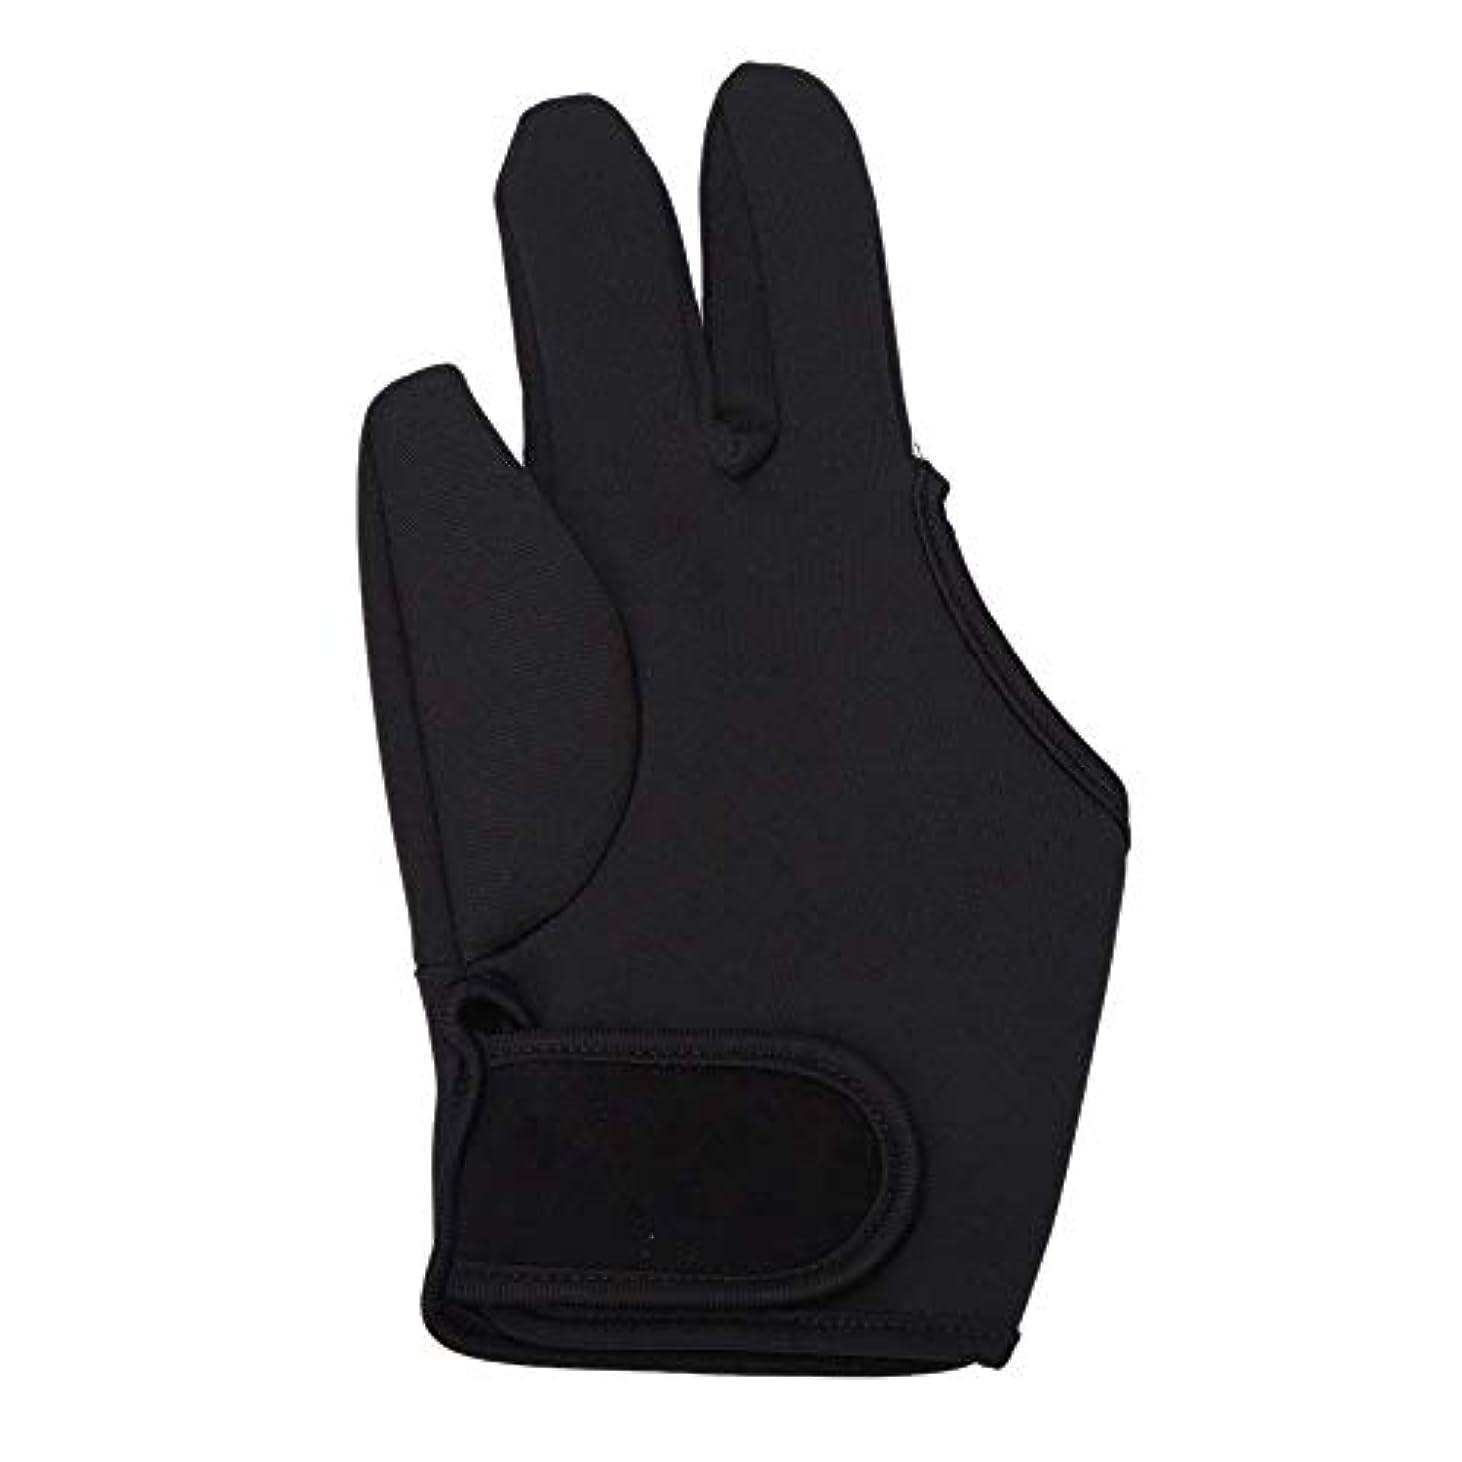 学部長伝統統治可能SODIAL 耐熱手袋ヘアスタイリングカーリングパーマカーリングワンドフラットアイアン3フィンガーグローブツール